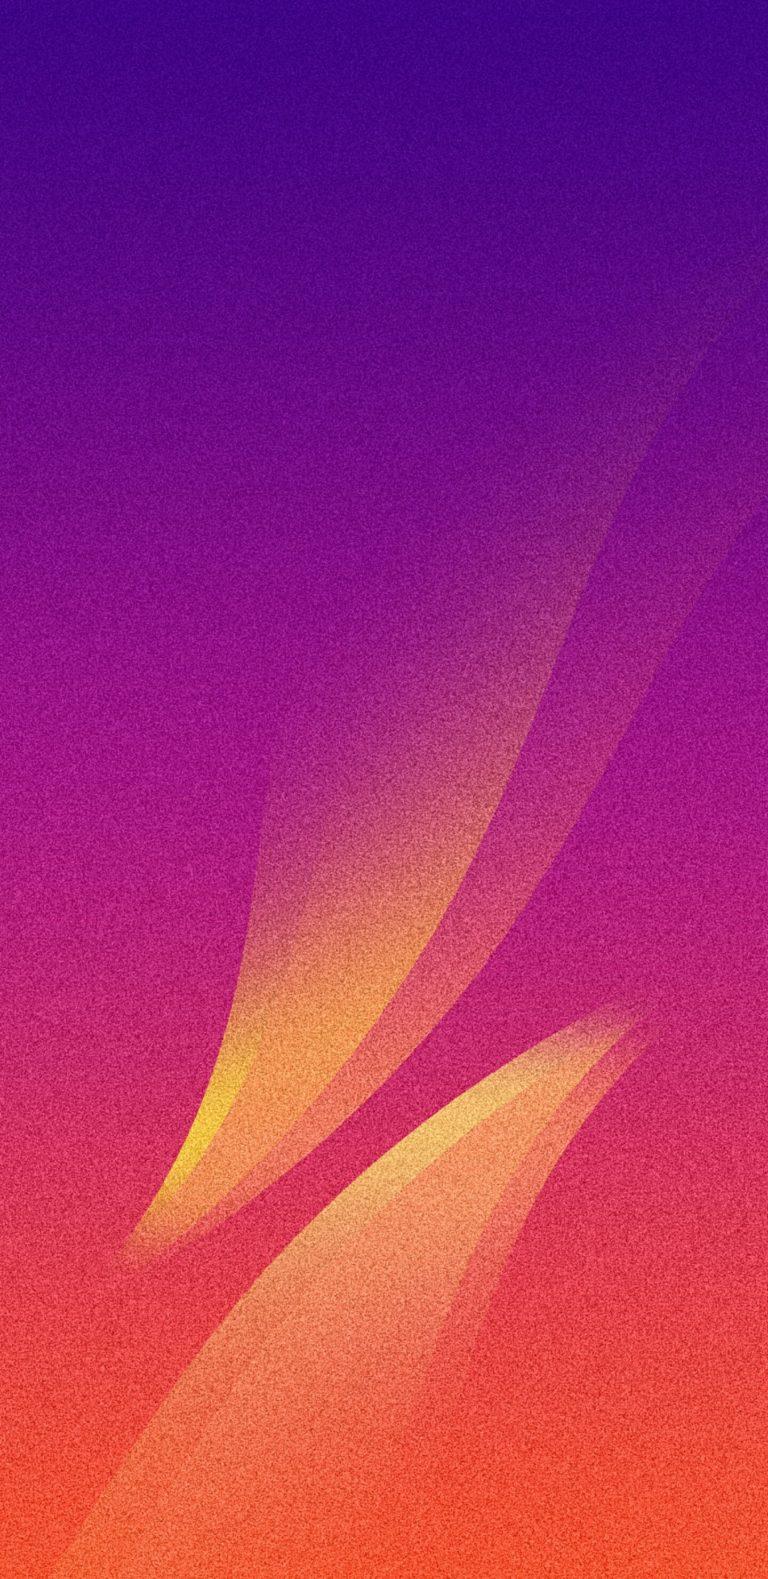 3d Wallpaper S8 1440x2960 Hd Wallpaper 064